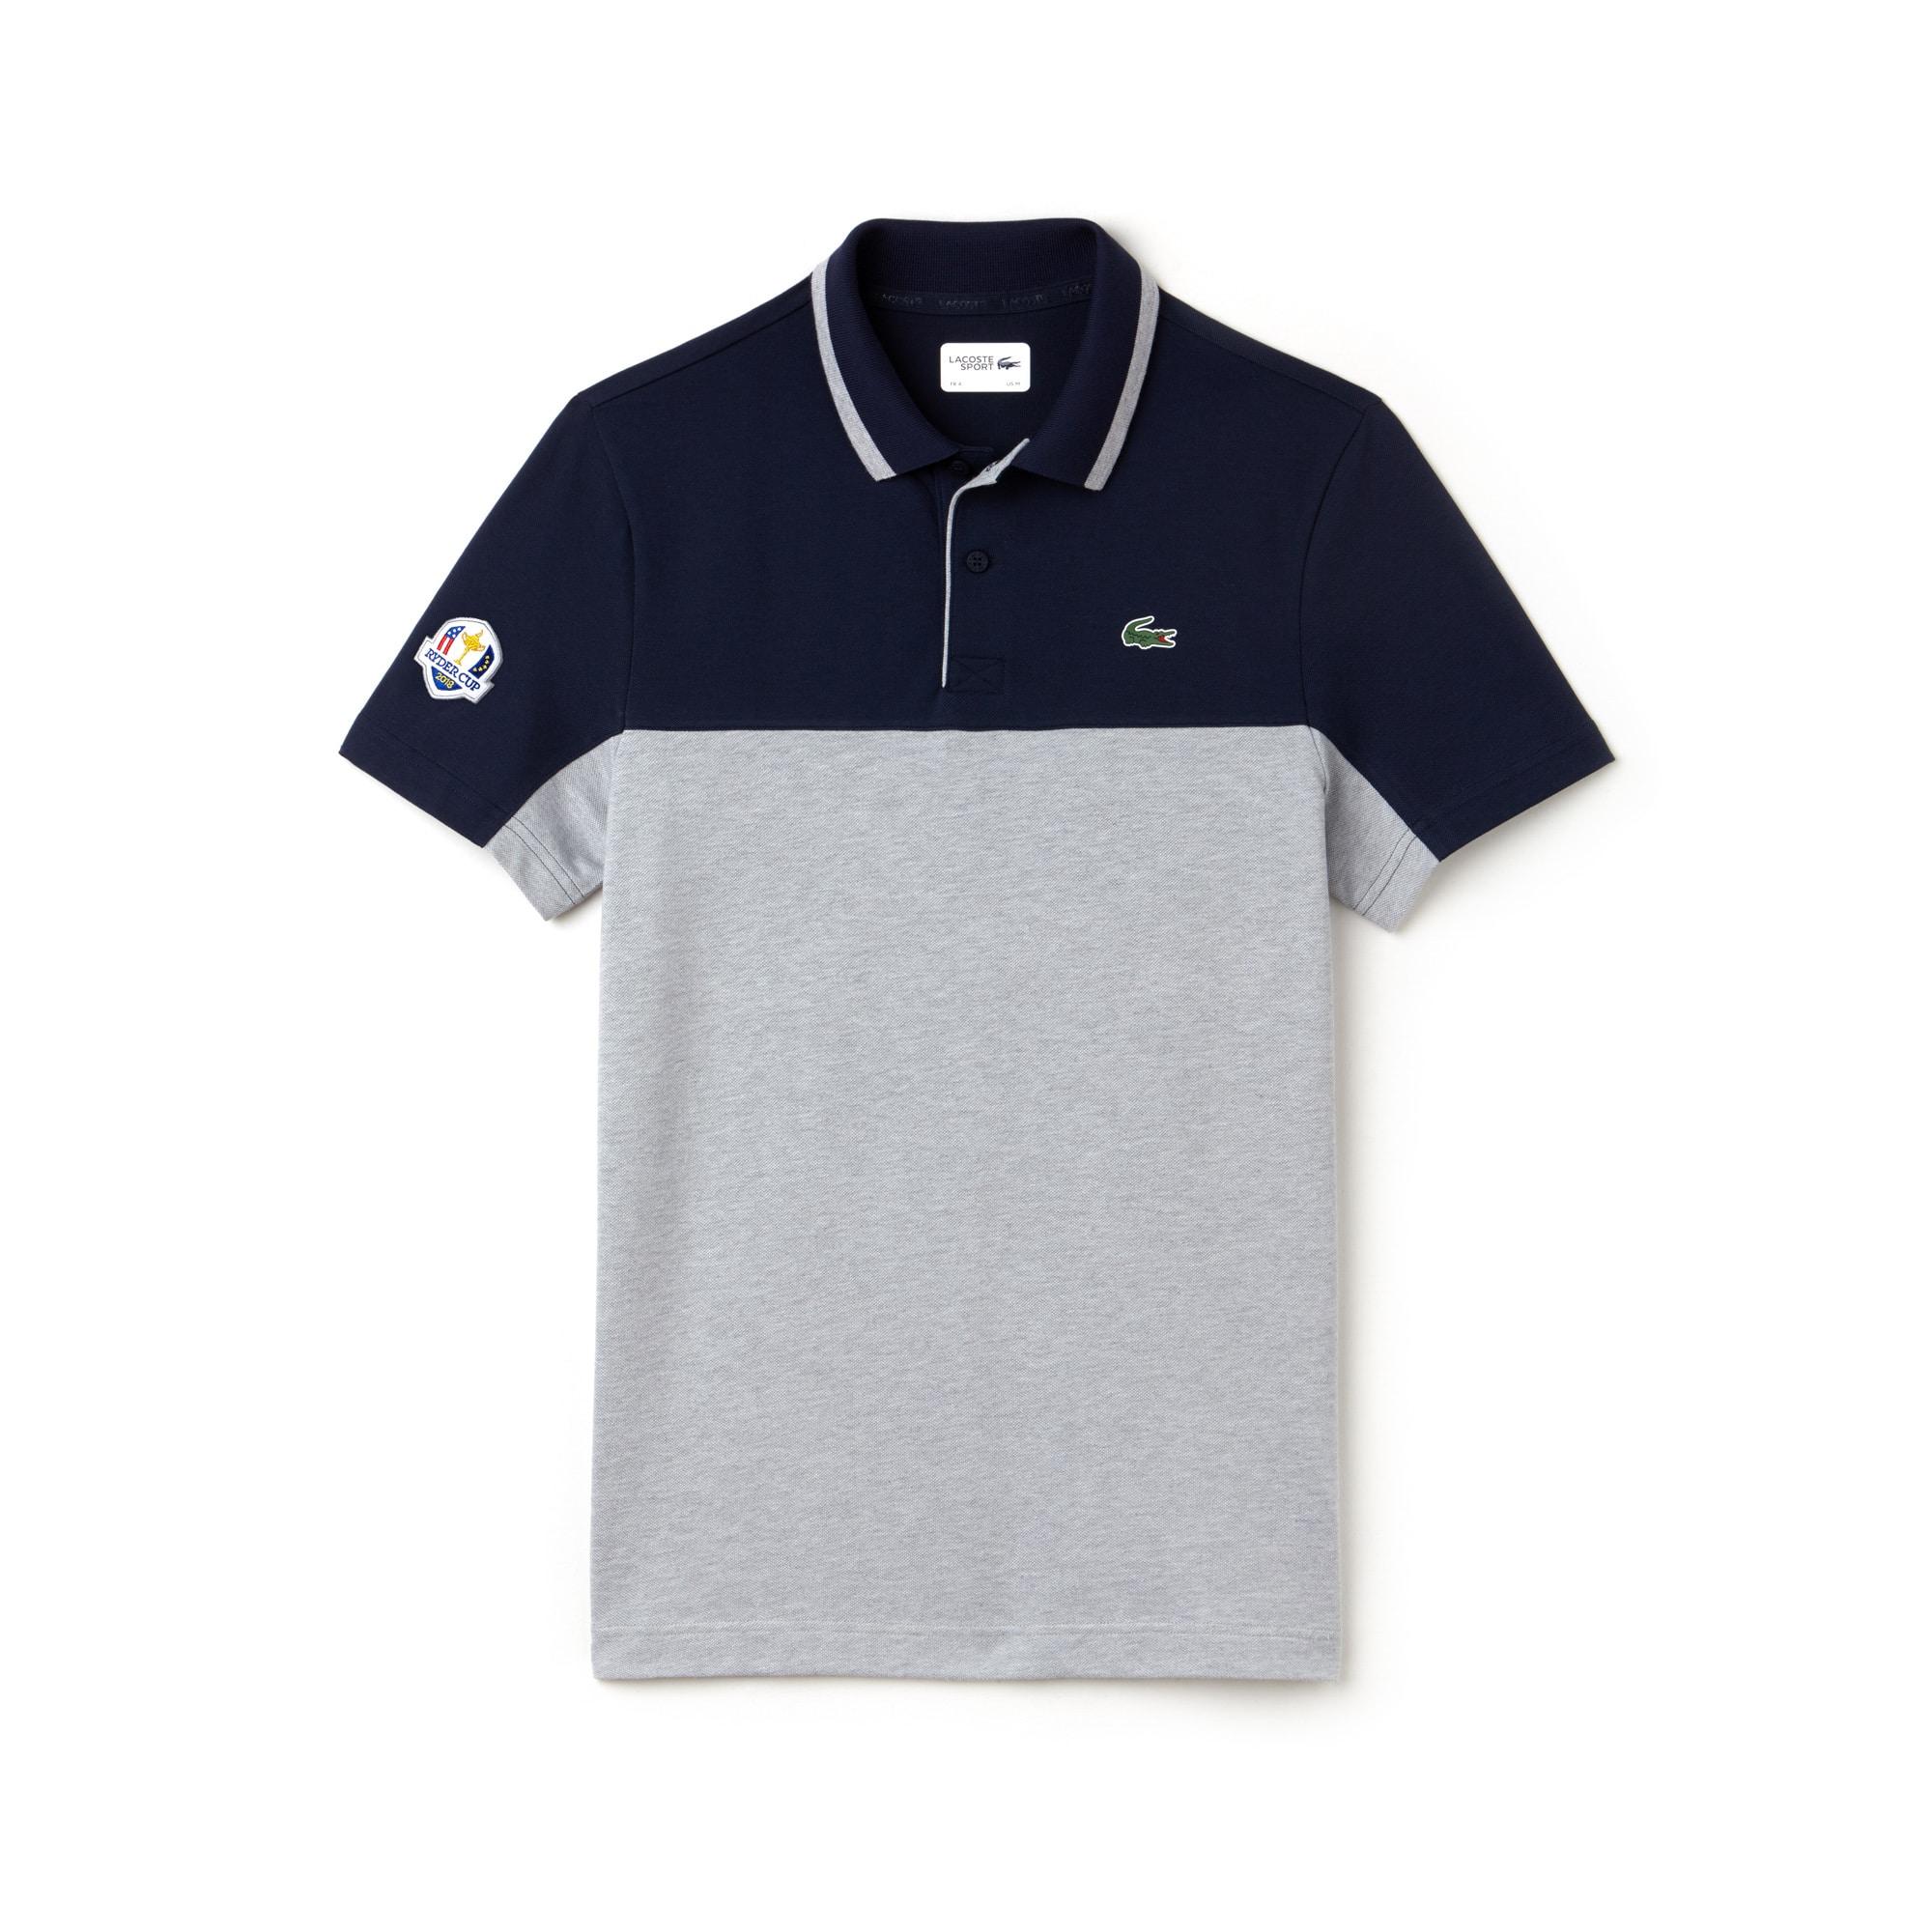 Golf Lacoste SPORT Édition Ryder Cup polo, technisch petit piqué